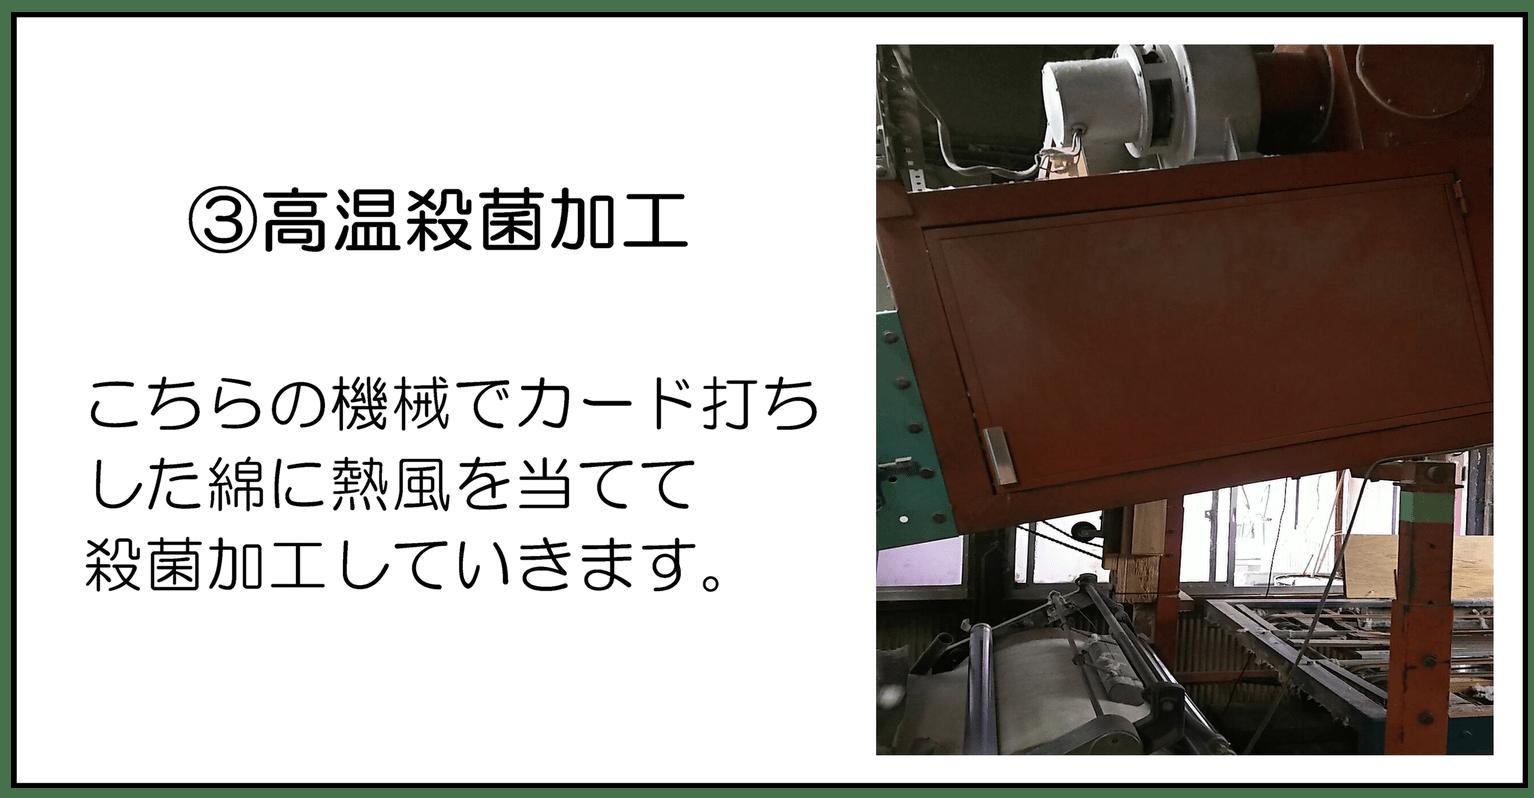 ③高温殺菌加工 こちらの機械でカード打ちした綿に熱風を当てて殺菌加工していきます。